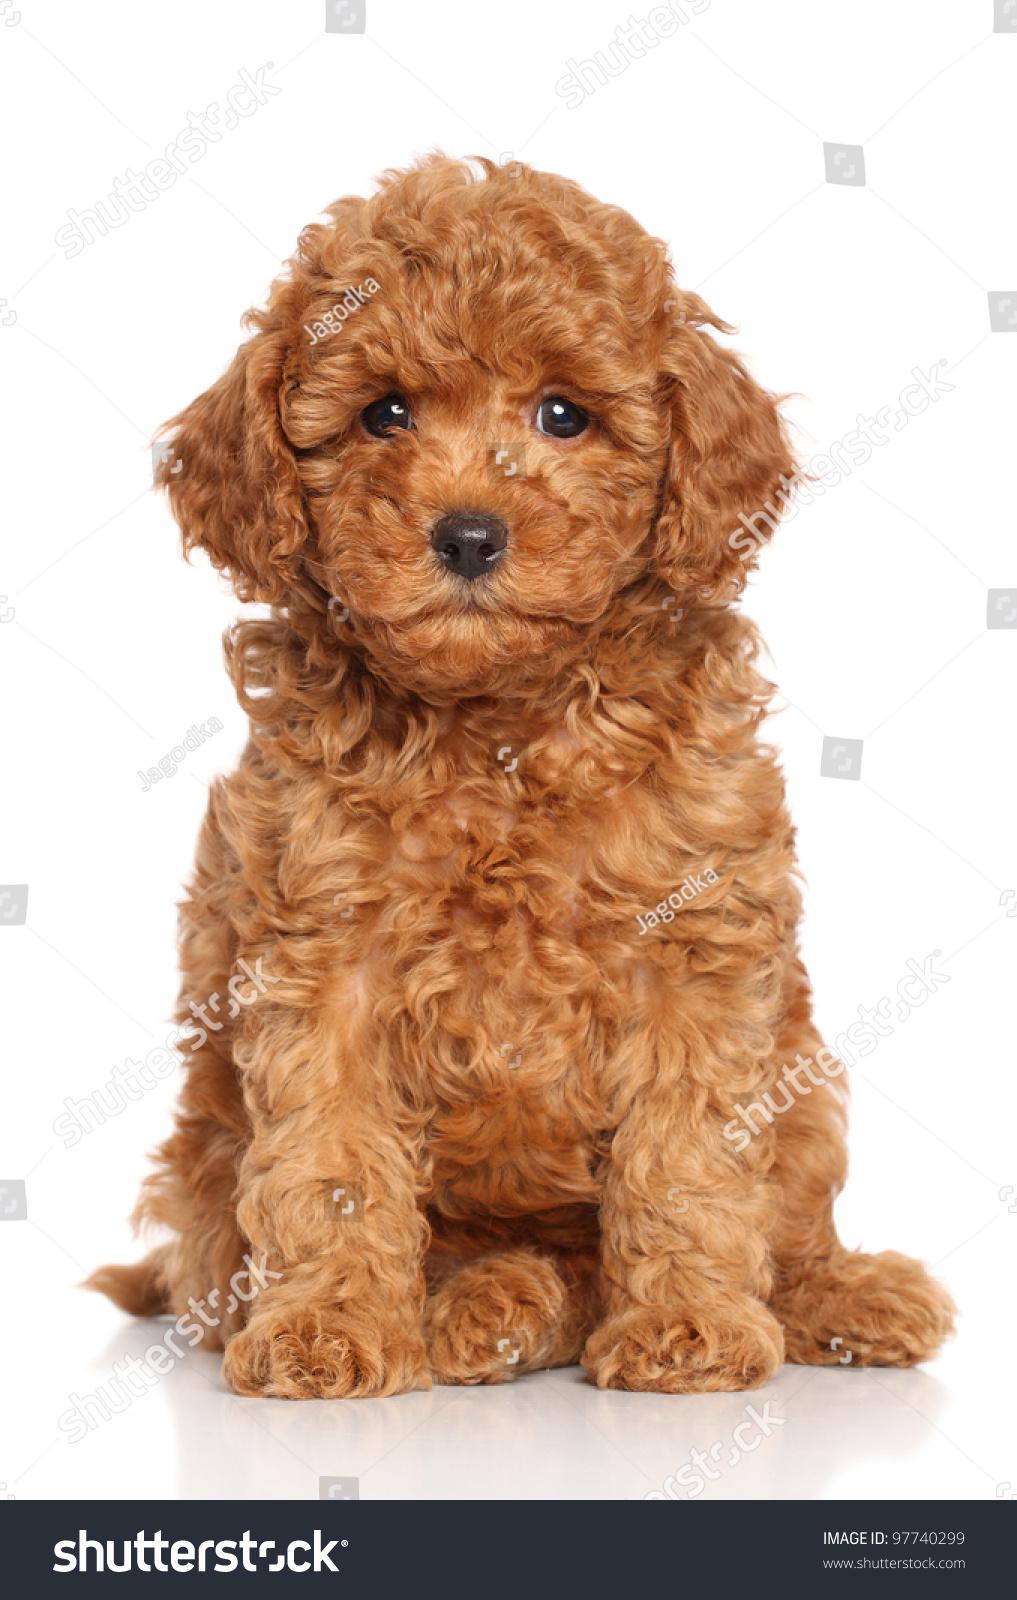 Your friend is a dwarf poodle